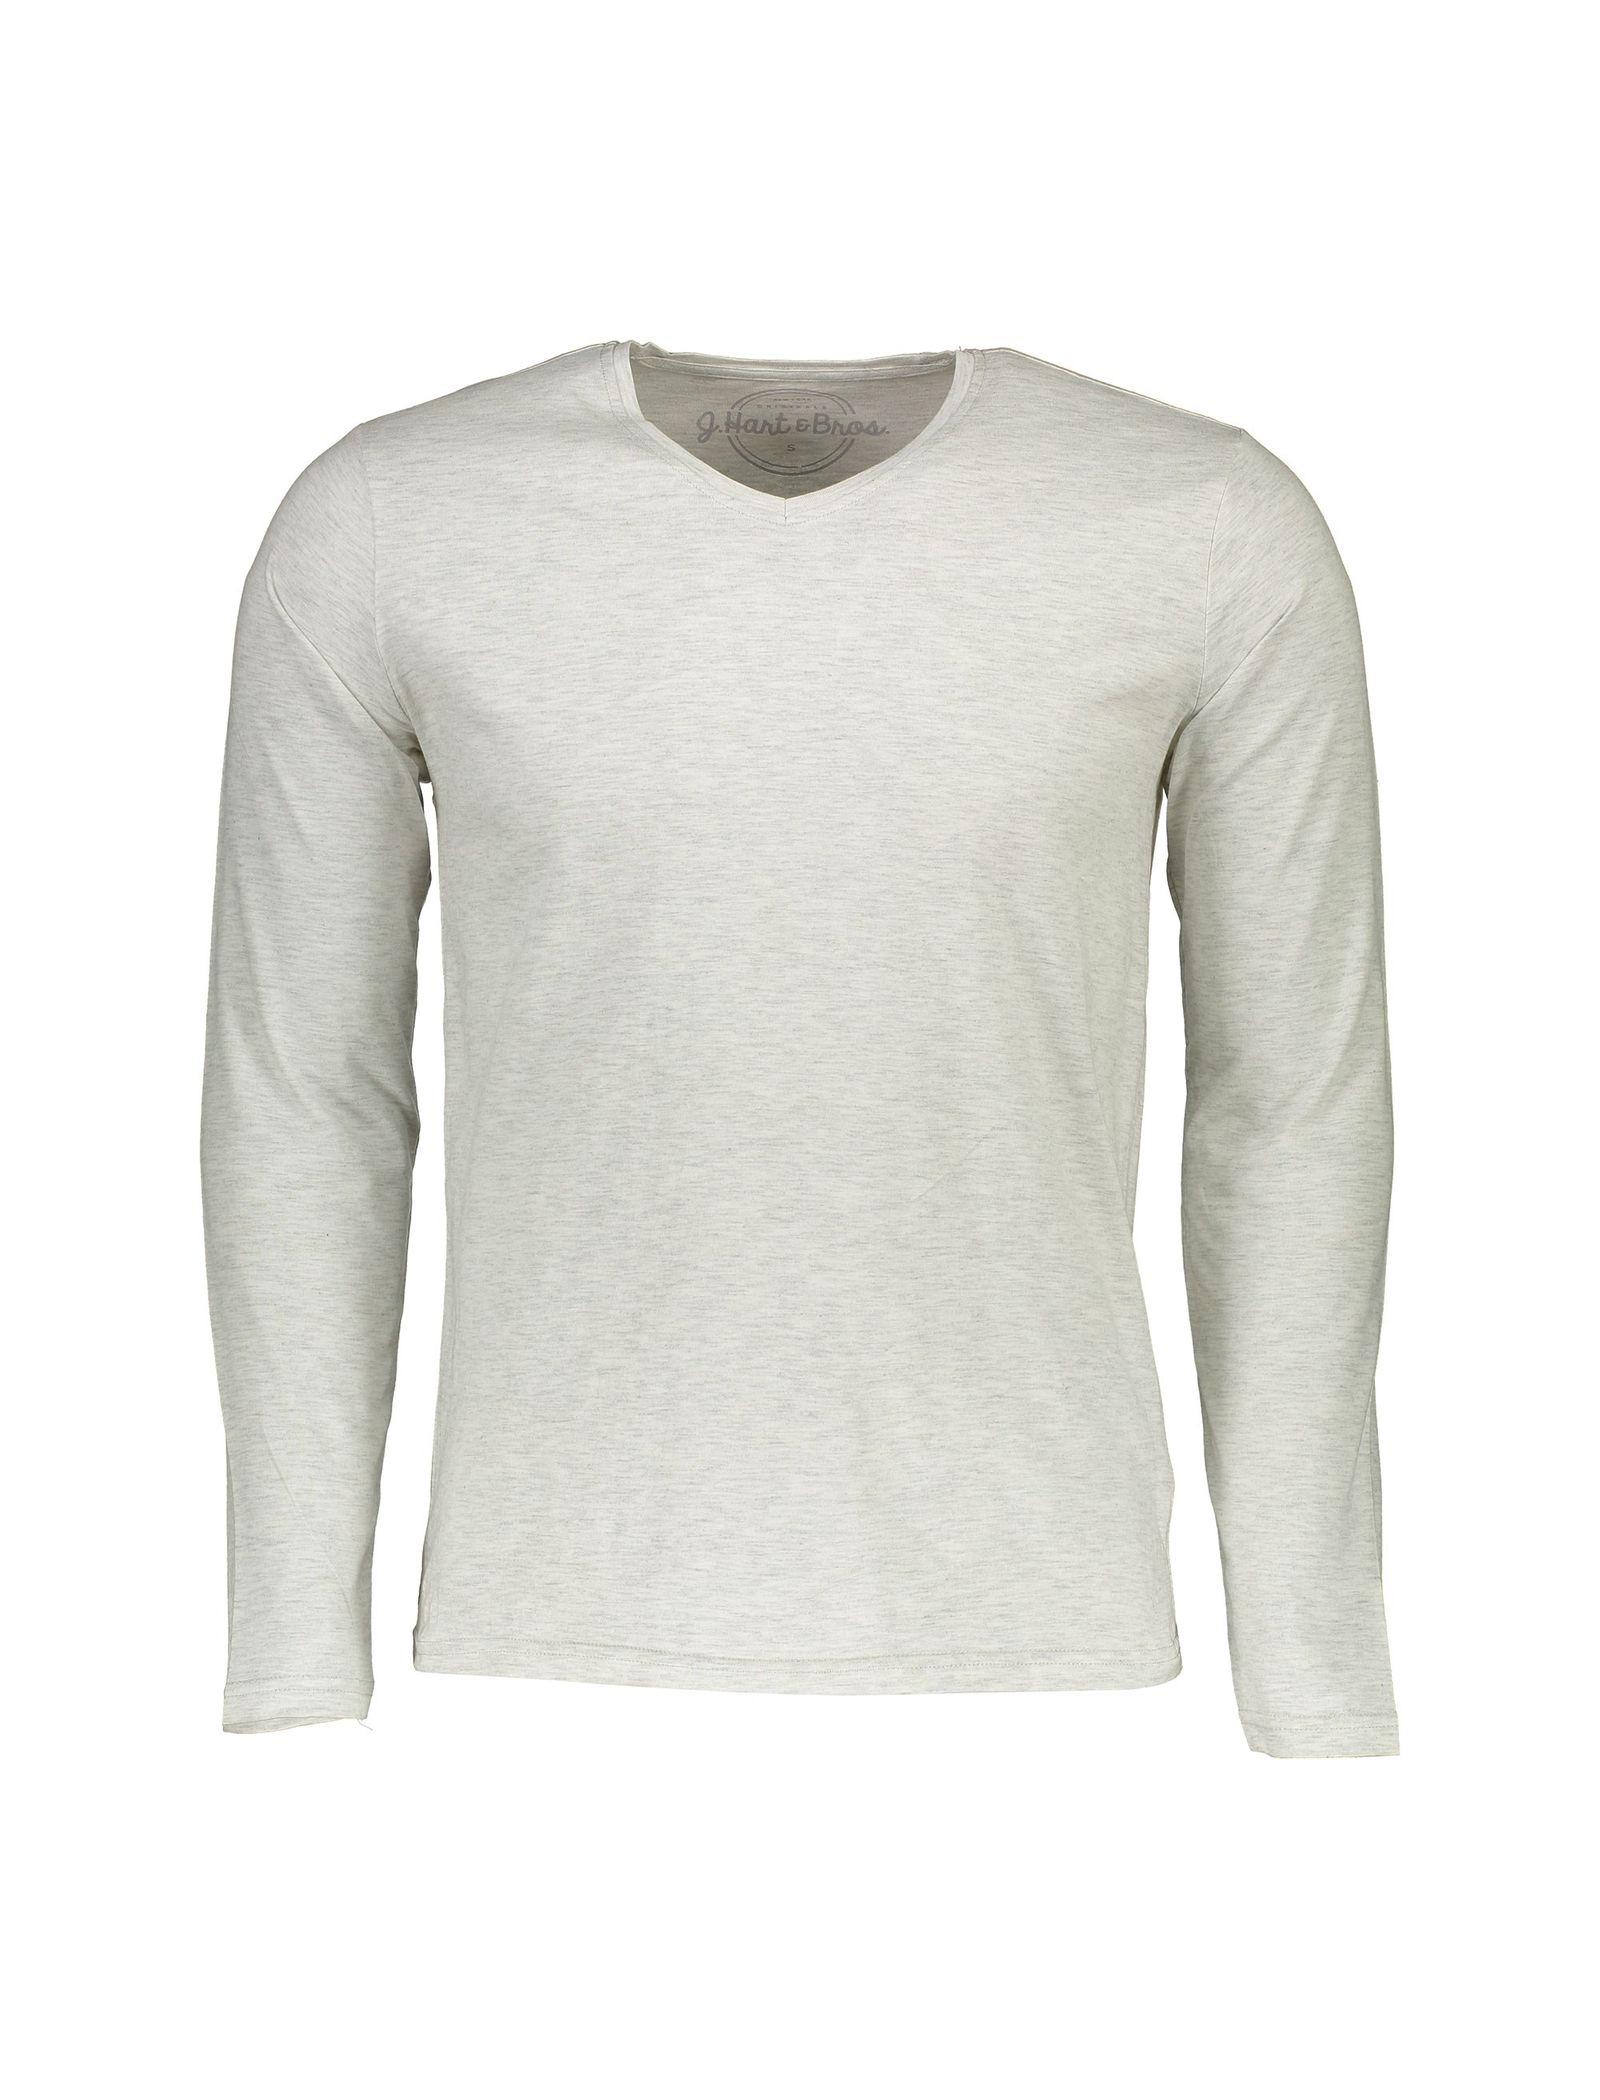 تی شرت نخی یقه هفت مردانه - یوپیم - طوسي - 1